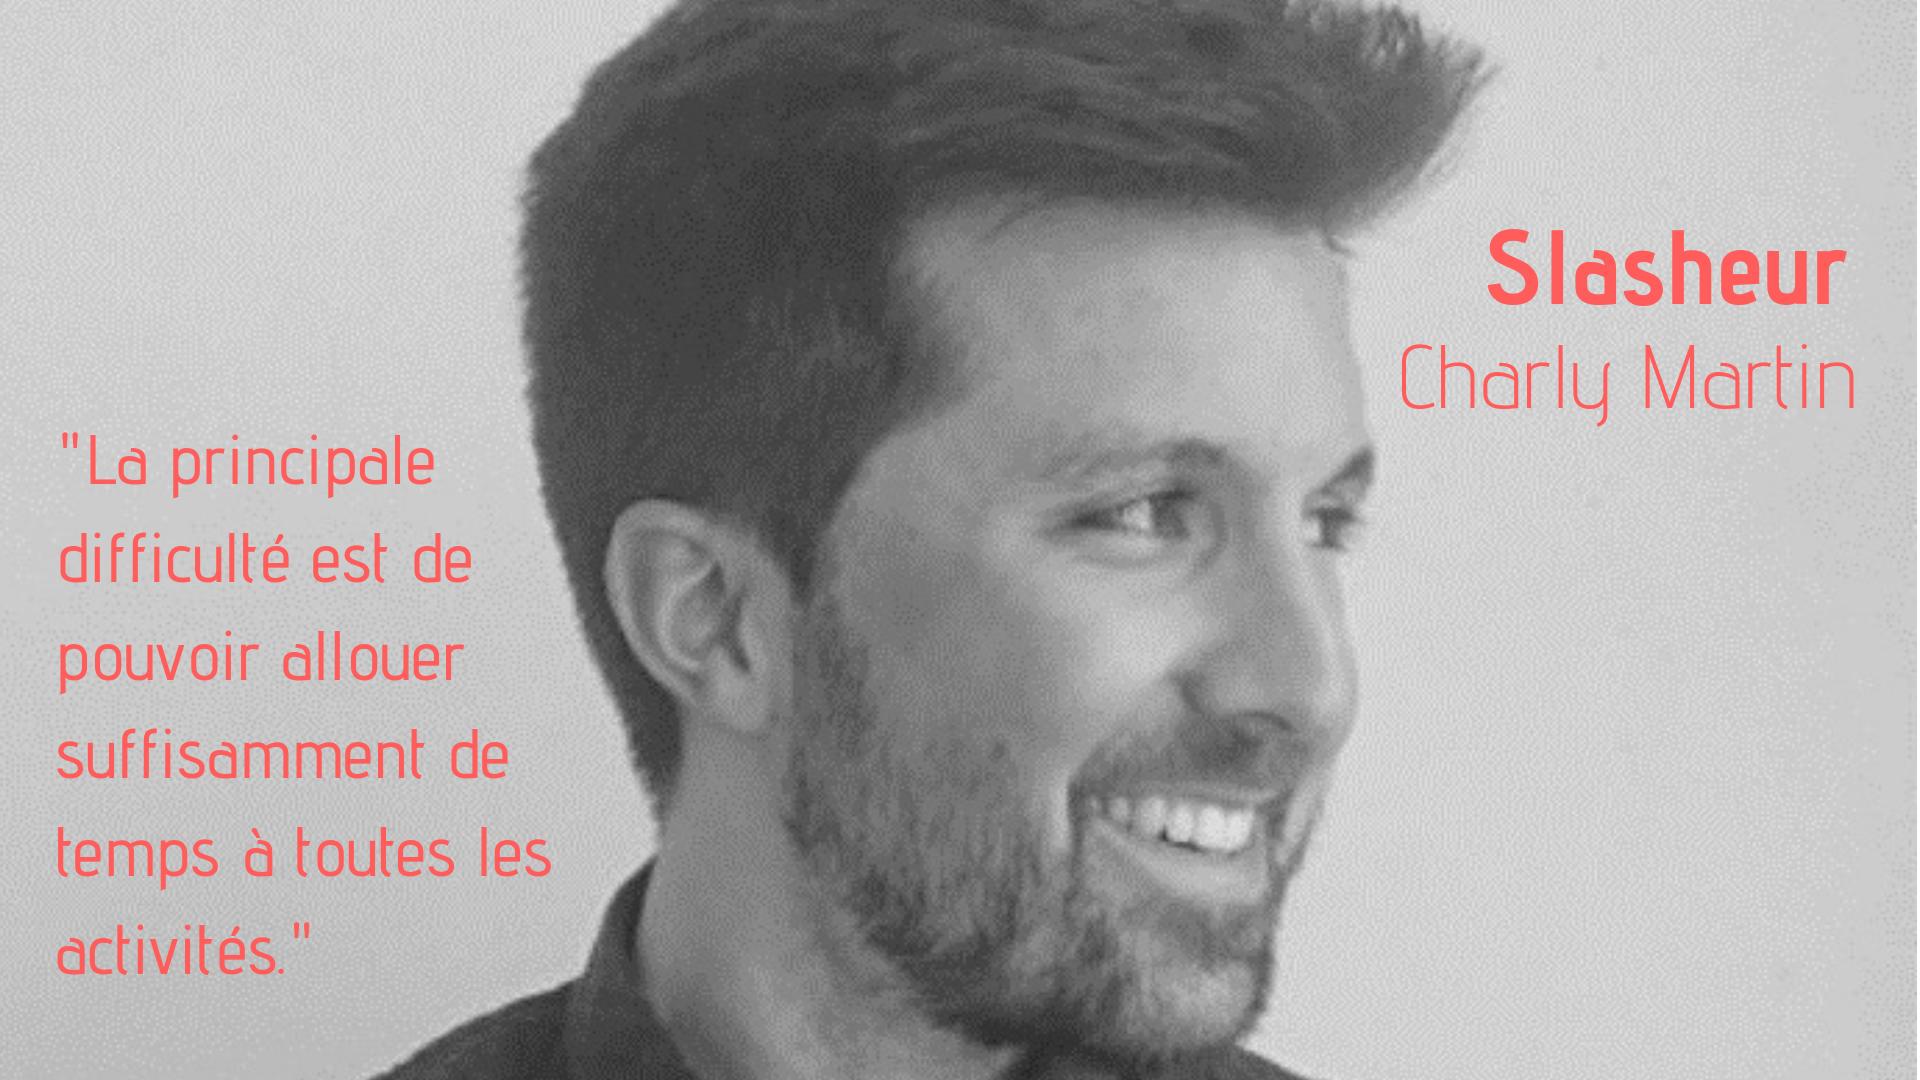 Charly Martin, Slasheur : Développeur Web / Professeur de code / DJ